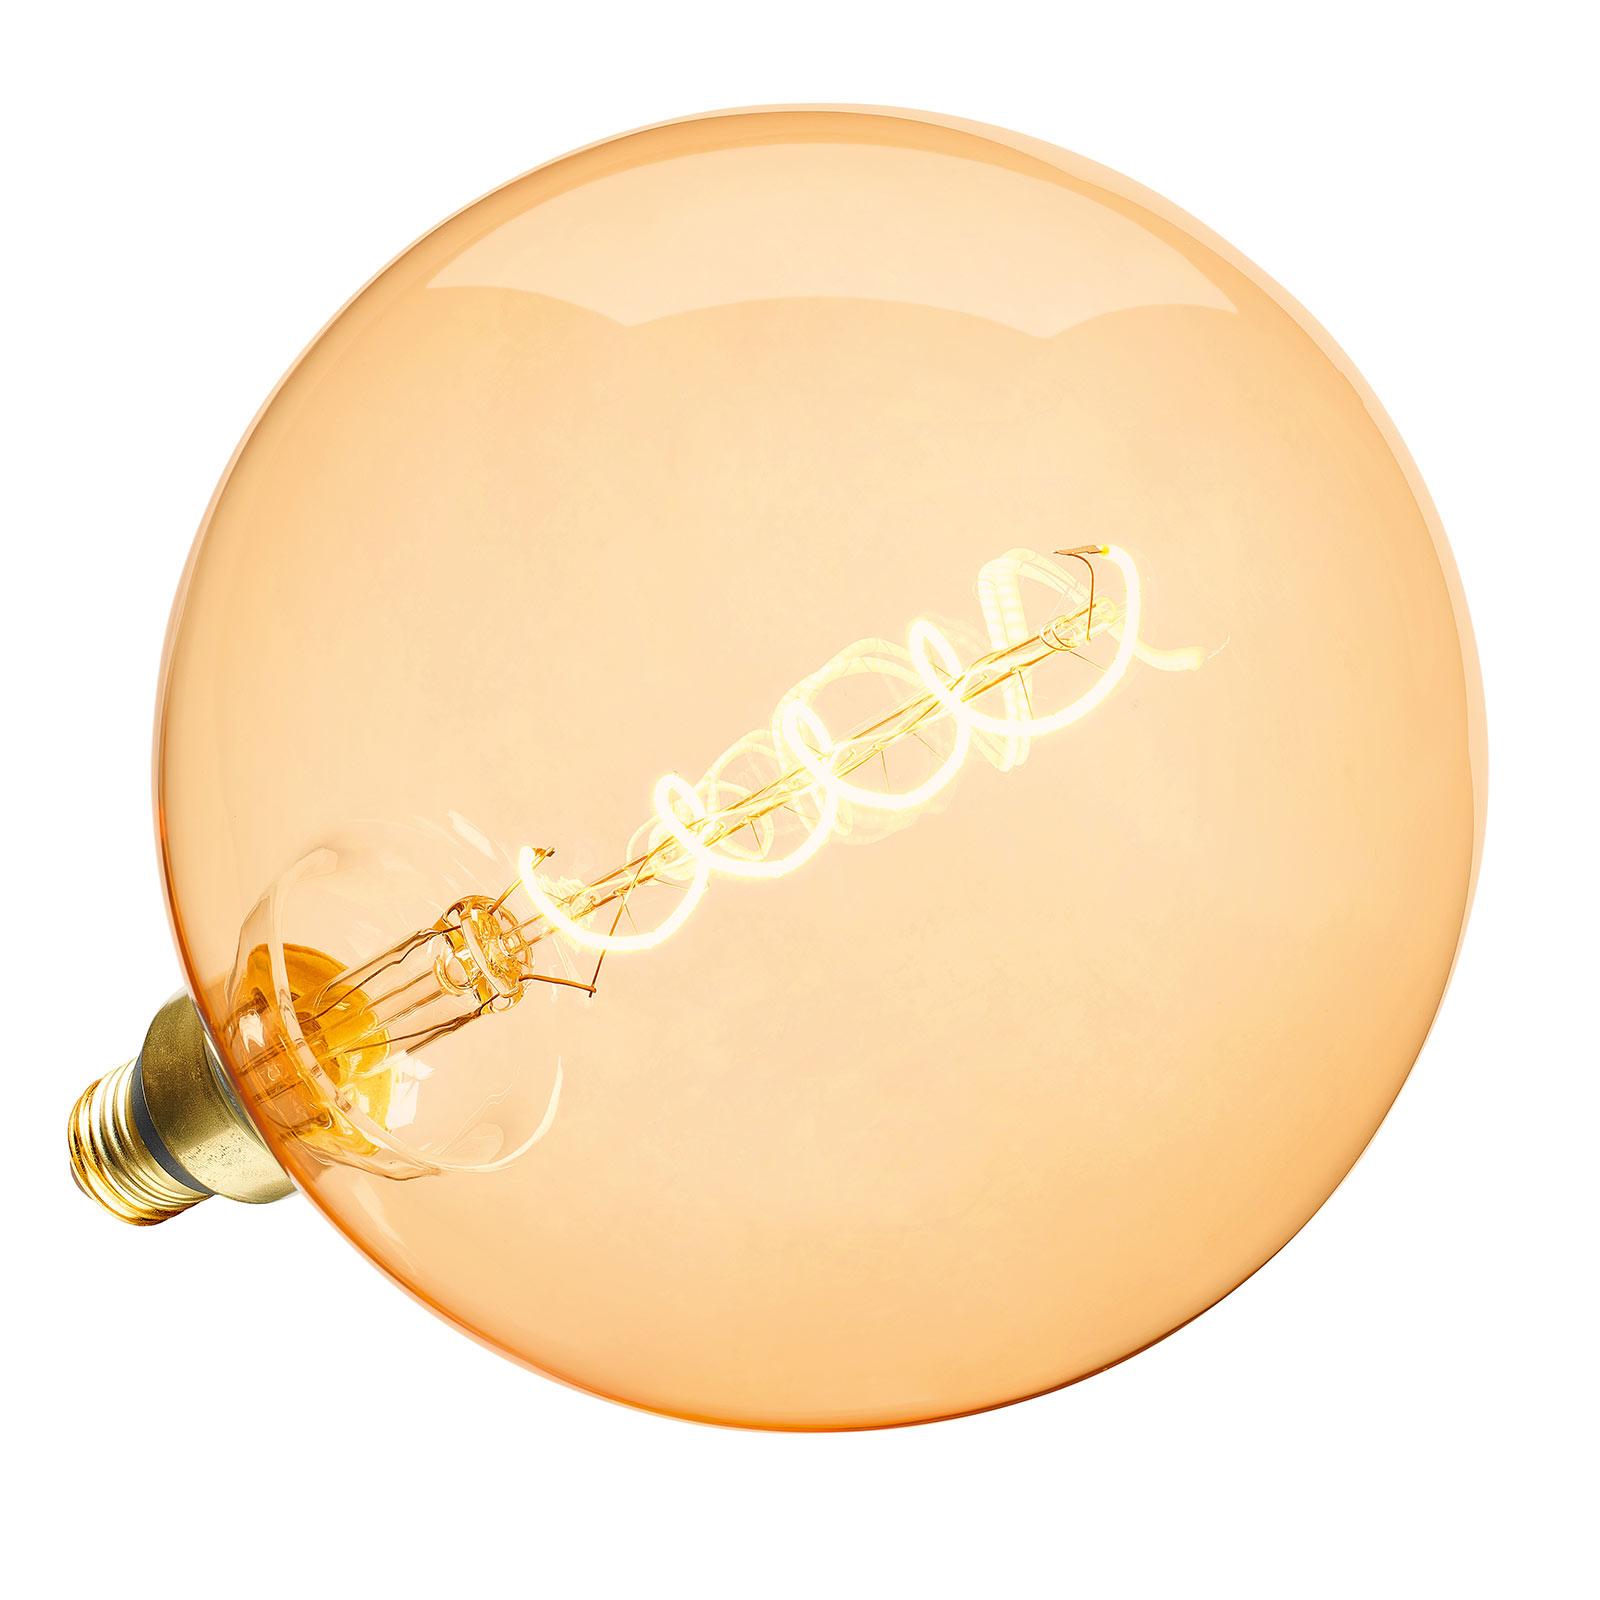 LED-Globelampe E27 ToLEDoVintage G200dim 5,5W gold